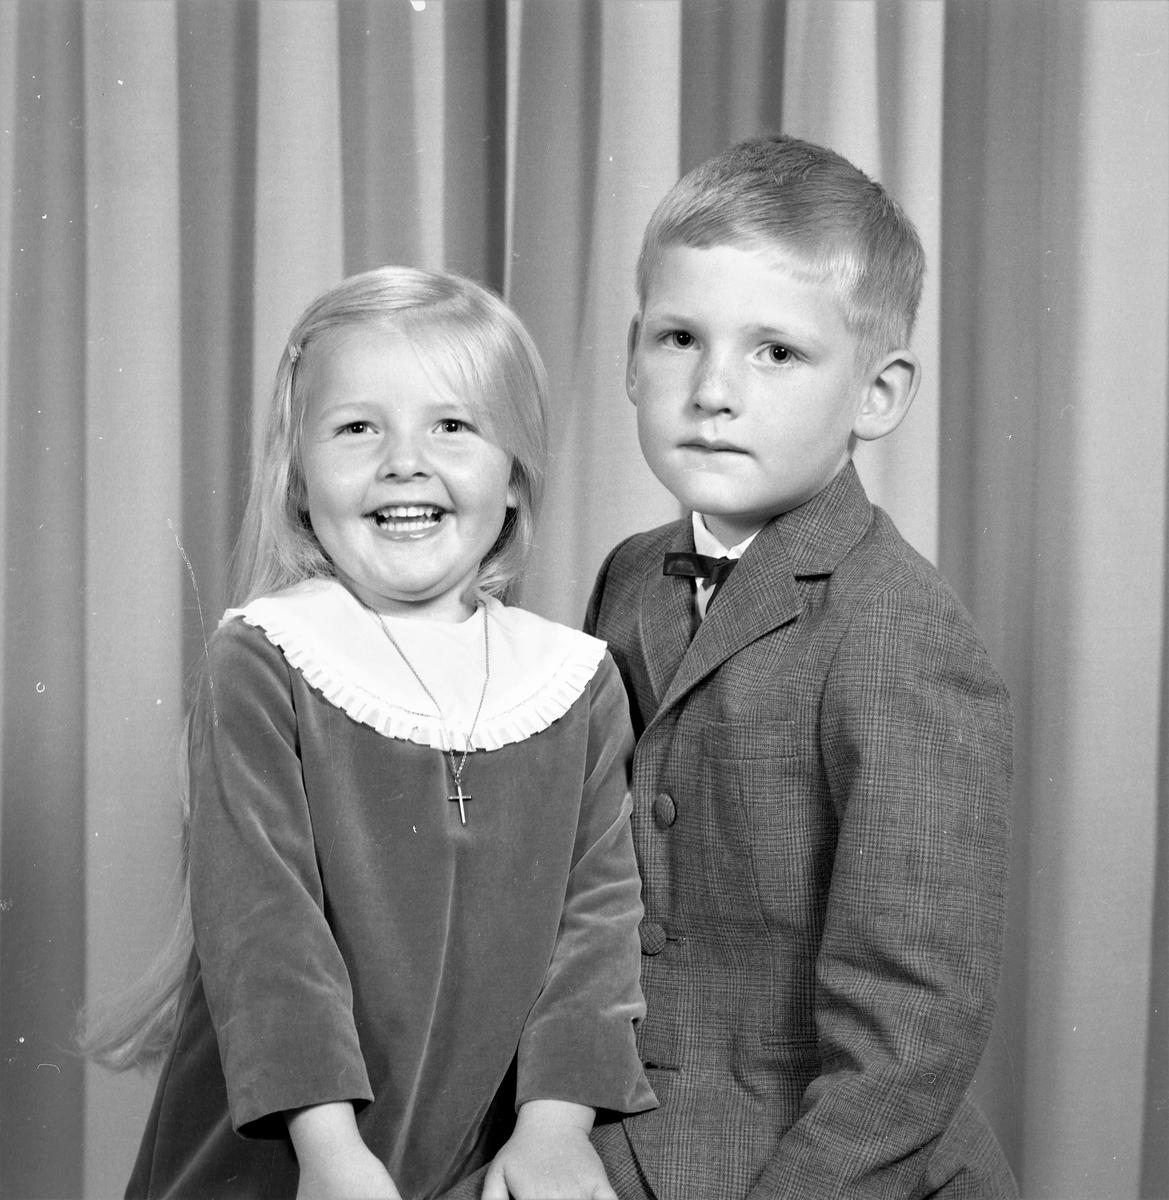 Portrett. Familiegruppe på to barn. Søsken. Ung lyshåret pike i mørk velurkjole med stor lys krage. Kors i kjede om halsen. Ung  lyshåret gutt med mørk rutet dress, hvit skjorte og mørk sløyfe. Bestilt av Egil Andersen. Moksheim